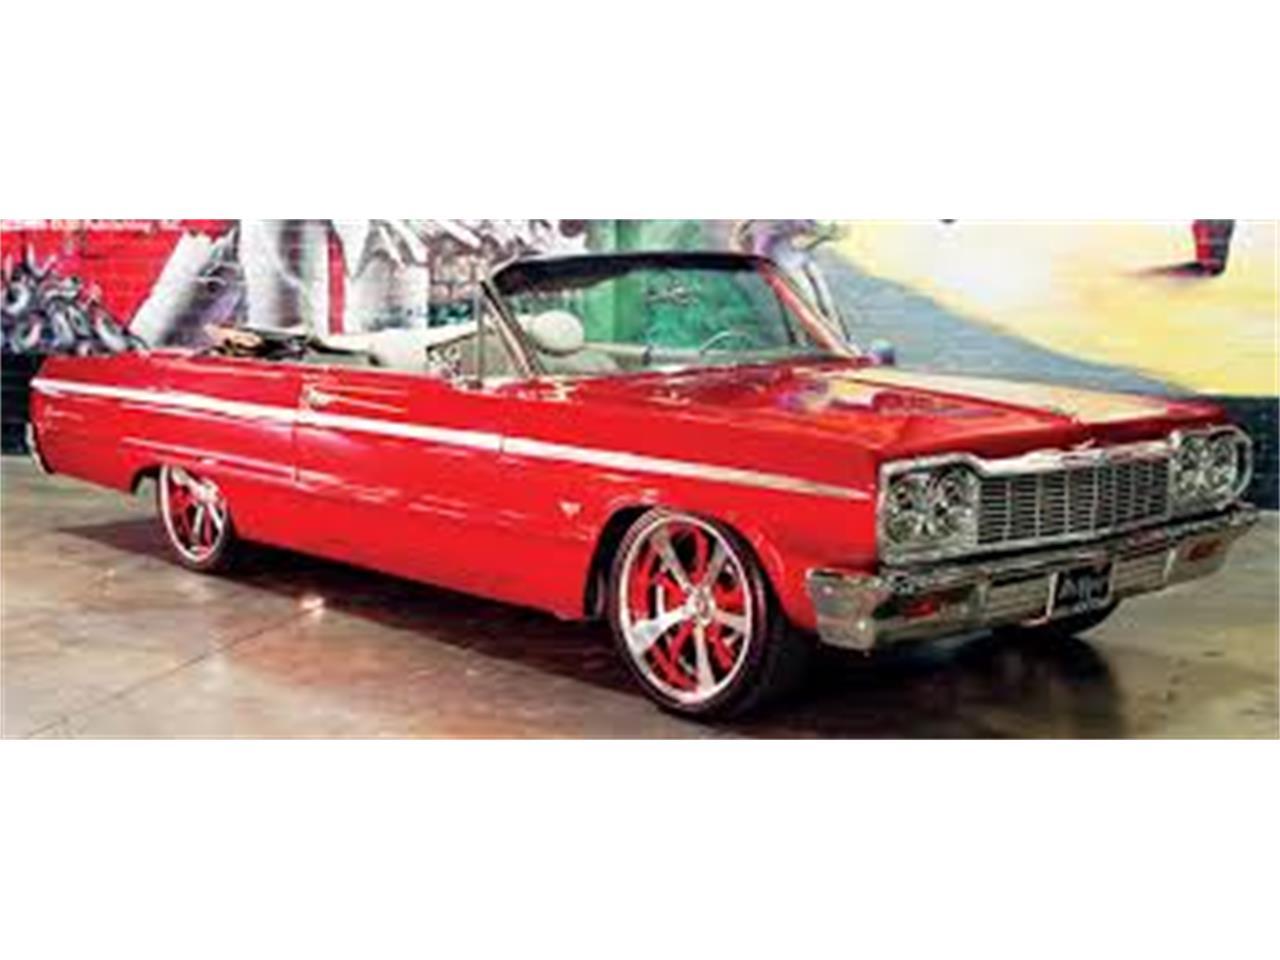 1964 Chevrolet Impala Ss For Sale Classiccarscom Cc 1068215